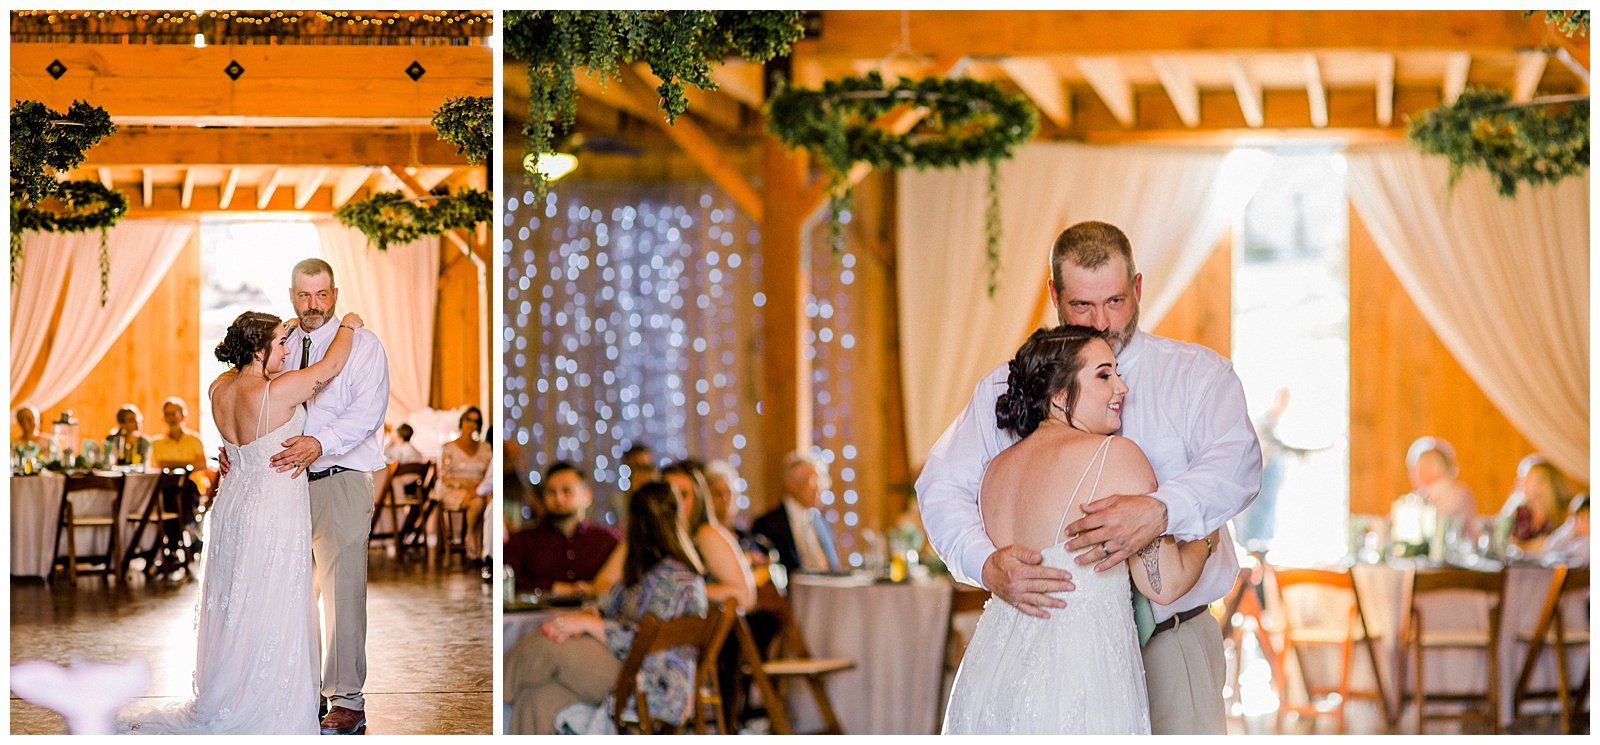 Lewis-Kara-Blakeman-Photography-Huntington-West-Virginia-Wedding-Barn-Olde-Homestead-42